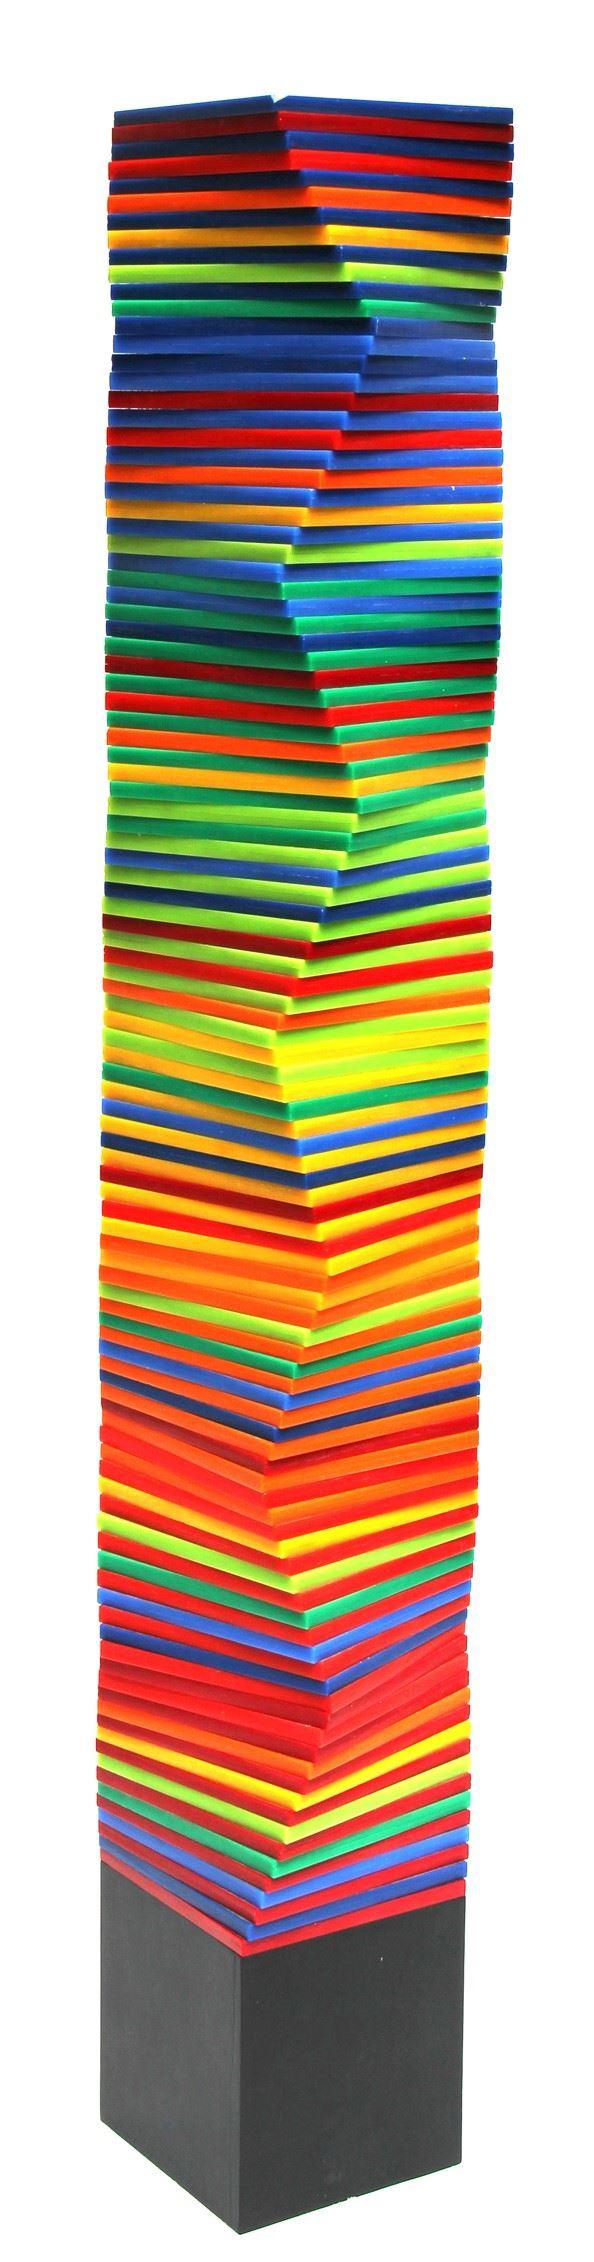 Francisco SOBRINO - Colonna colorata